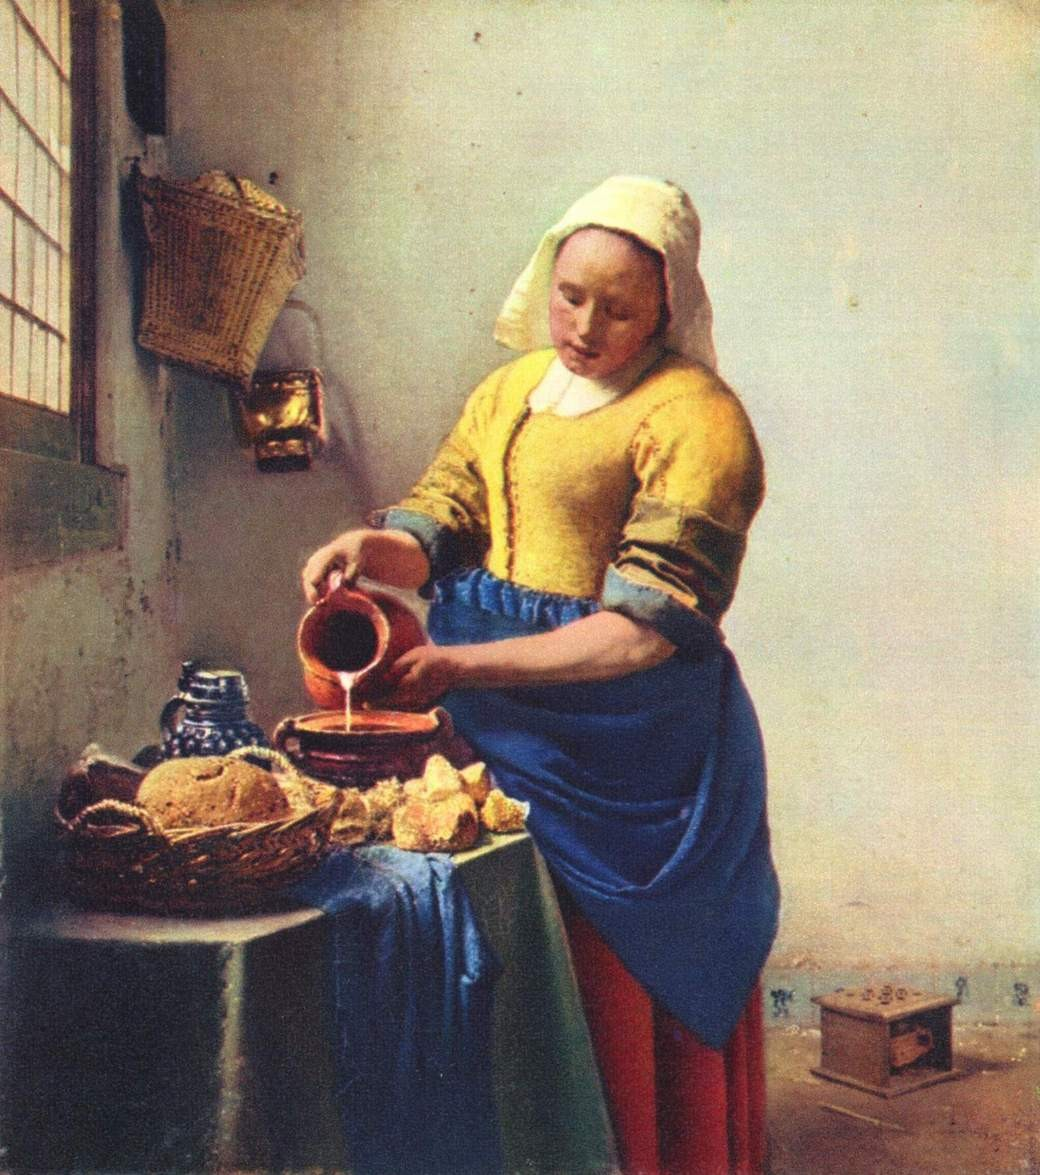 Johannes Vermeer The Milkmaid Painting Best The Milkmaid Paintings